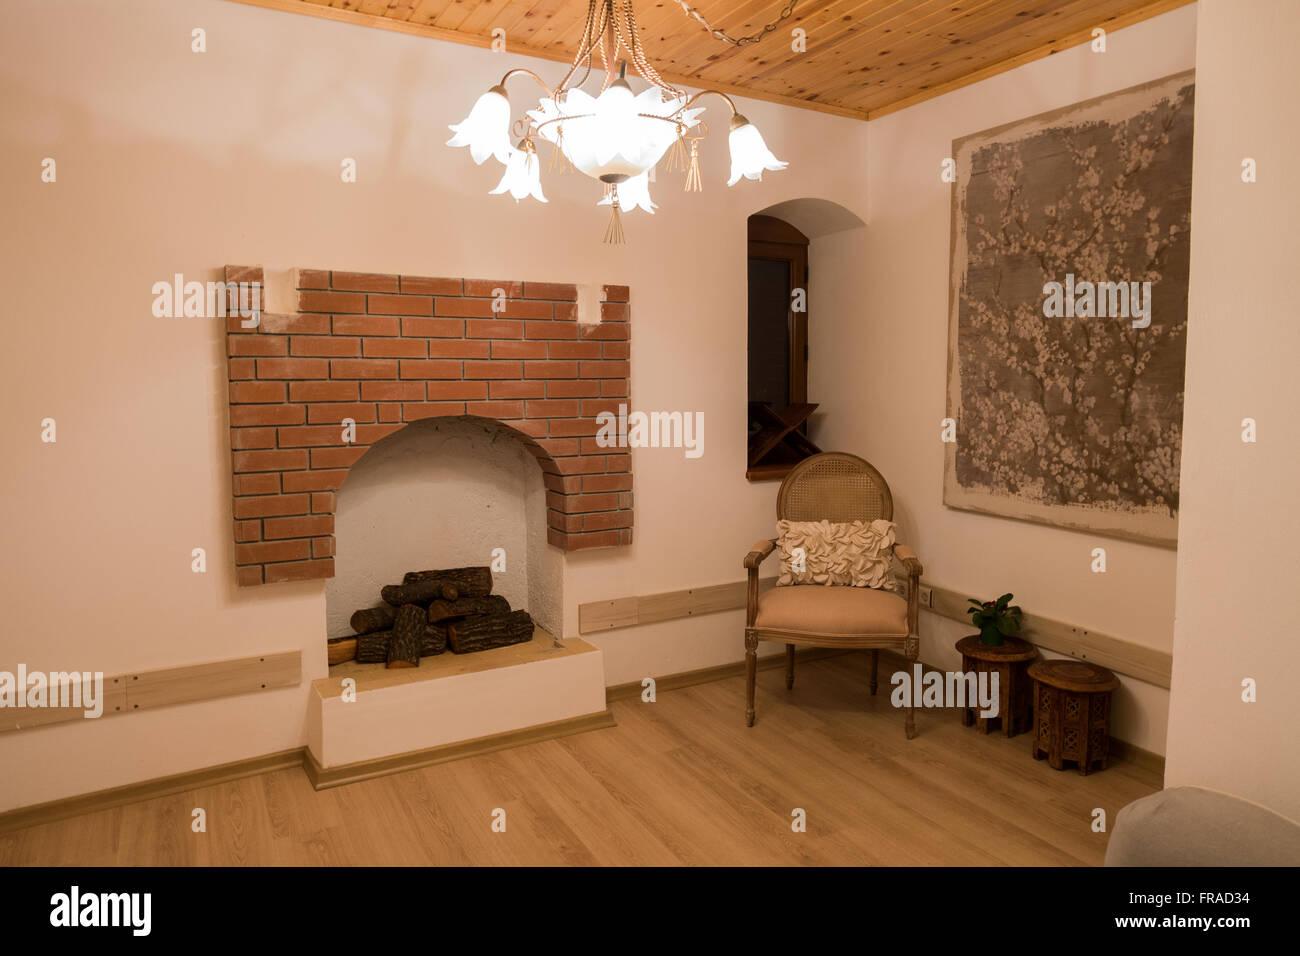 Ein Schönes Zimmer Mit Offenem Kamin Stockbild